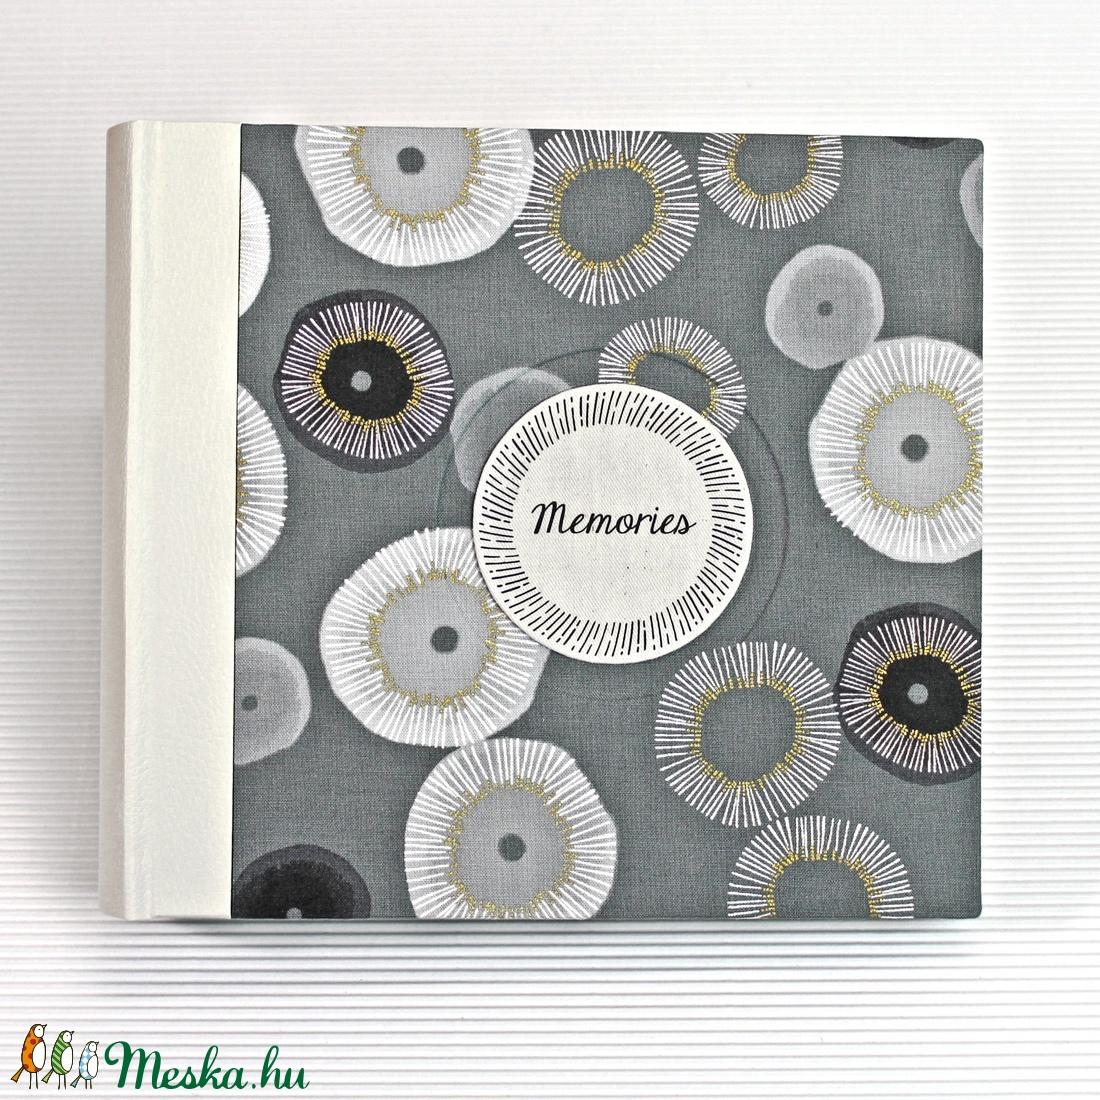 M fekete-fehér-arany fotóalbum - otthon & lakás - papír írószer - album & fotóalbum - Meska.hu